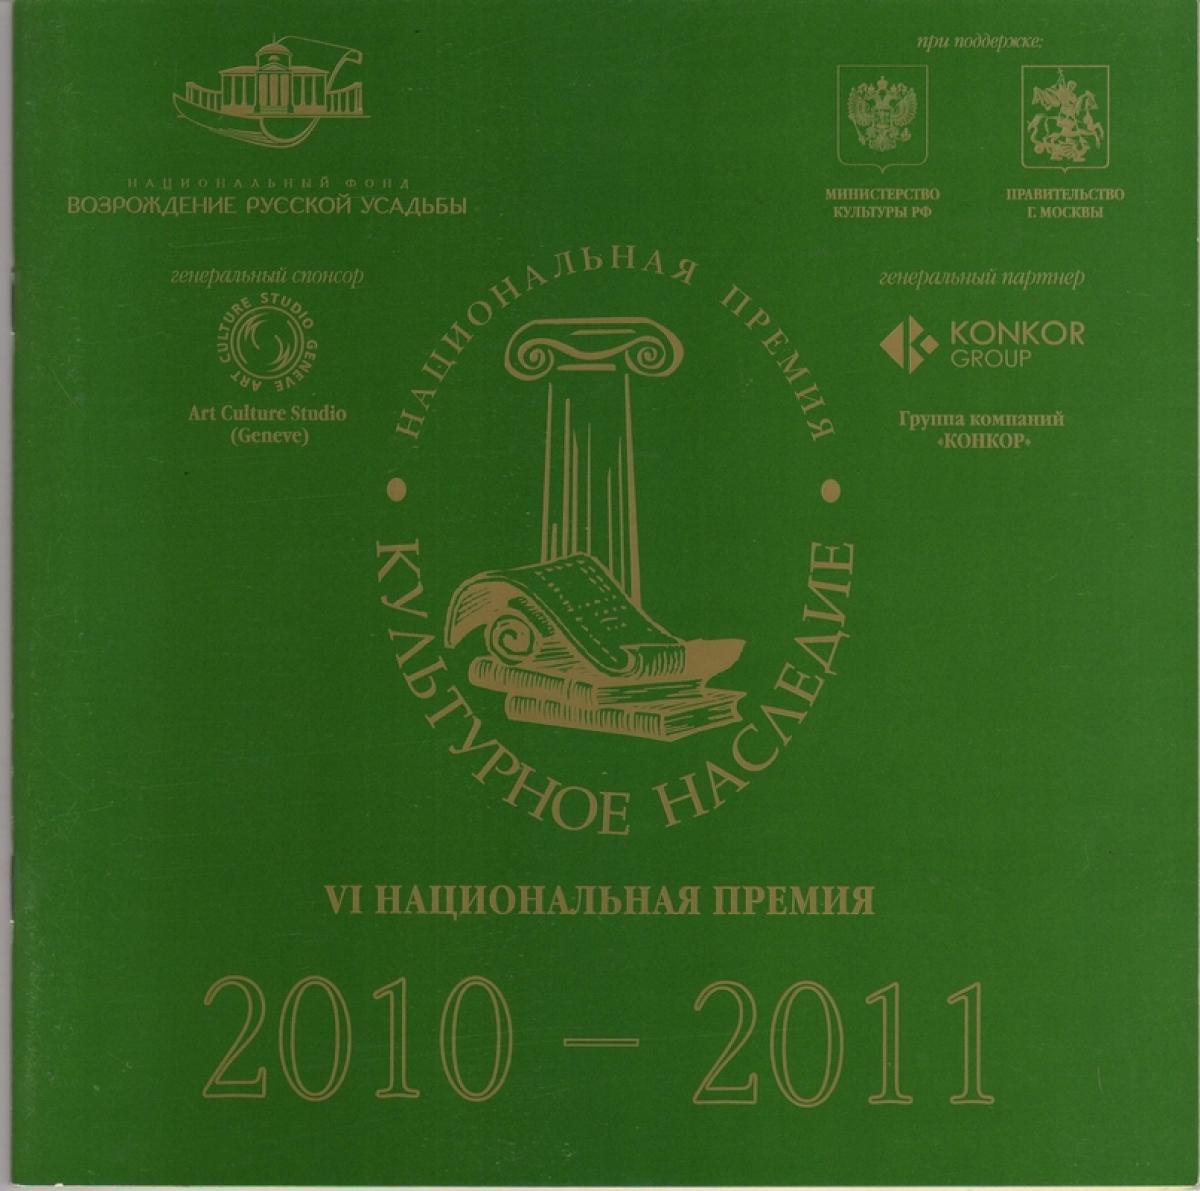 VI Национальная Премия  «Культурное Наследие» 2011